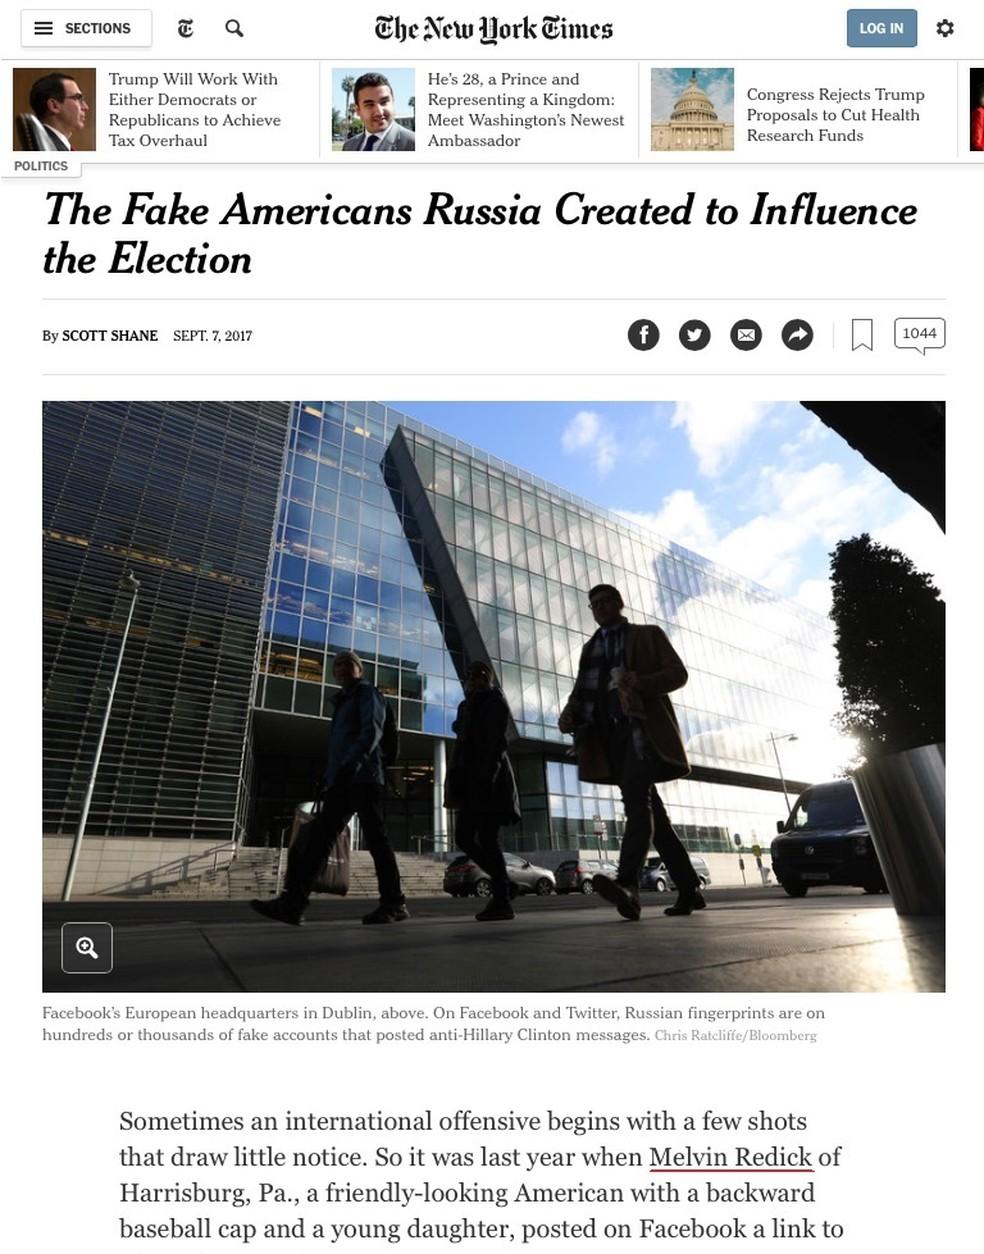 Reprodução de reportagem do 'NY Times' mostra o nome Melvin Redick, um dos perfis falsos usados para influenciar a eleição dos EUA (Foto: Reprodução/NY Times)